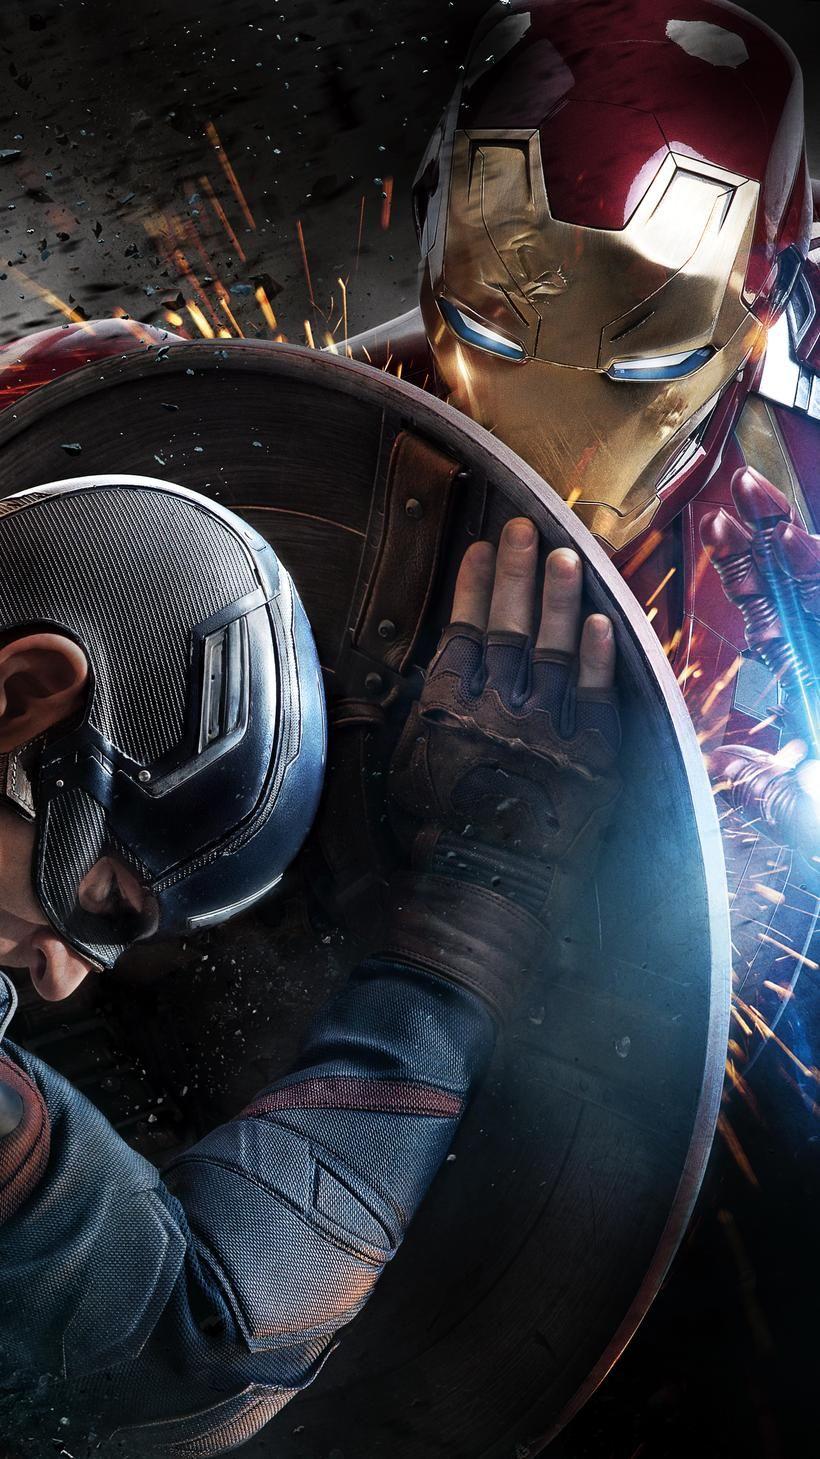 Captain America: Civil War (2016) Phone Wallpaper